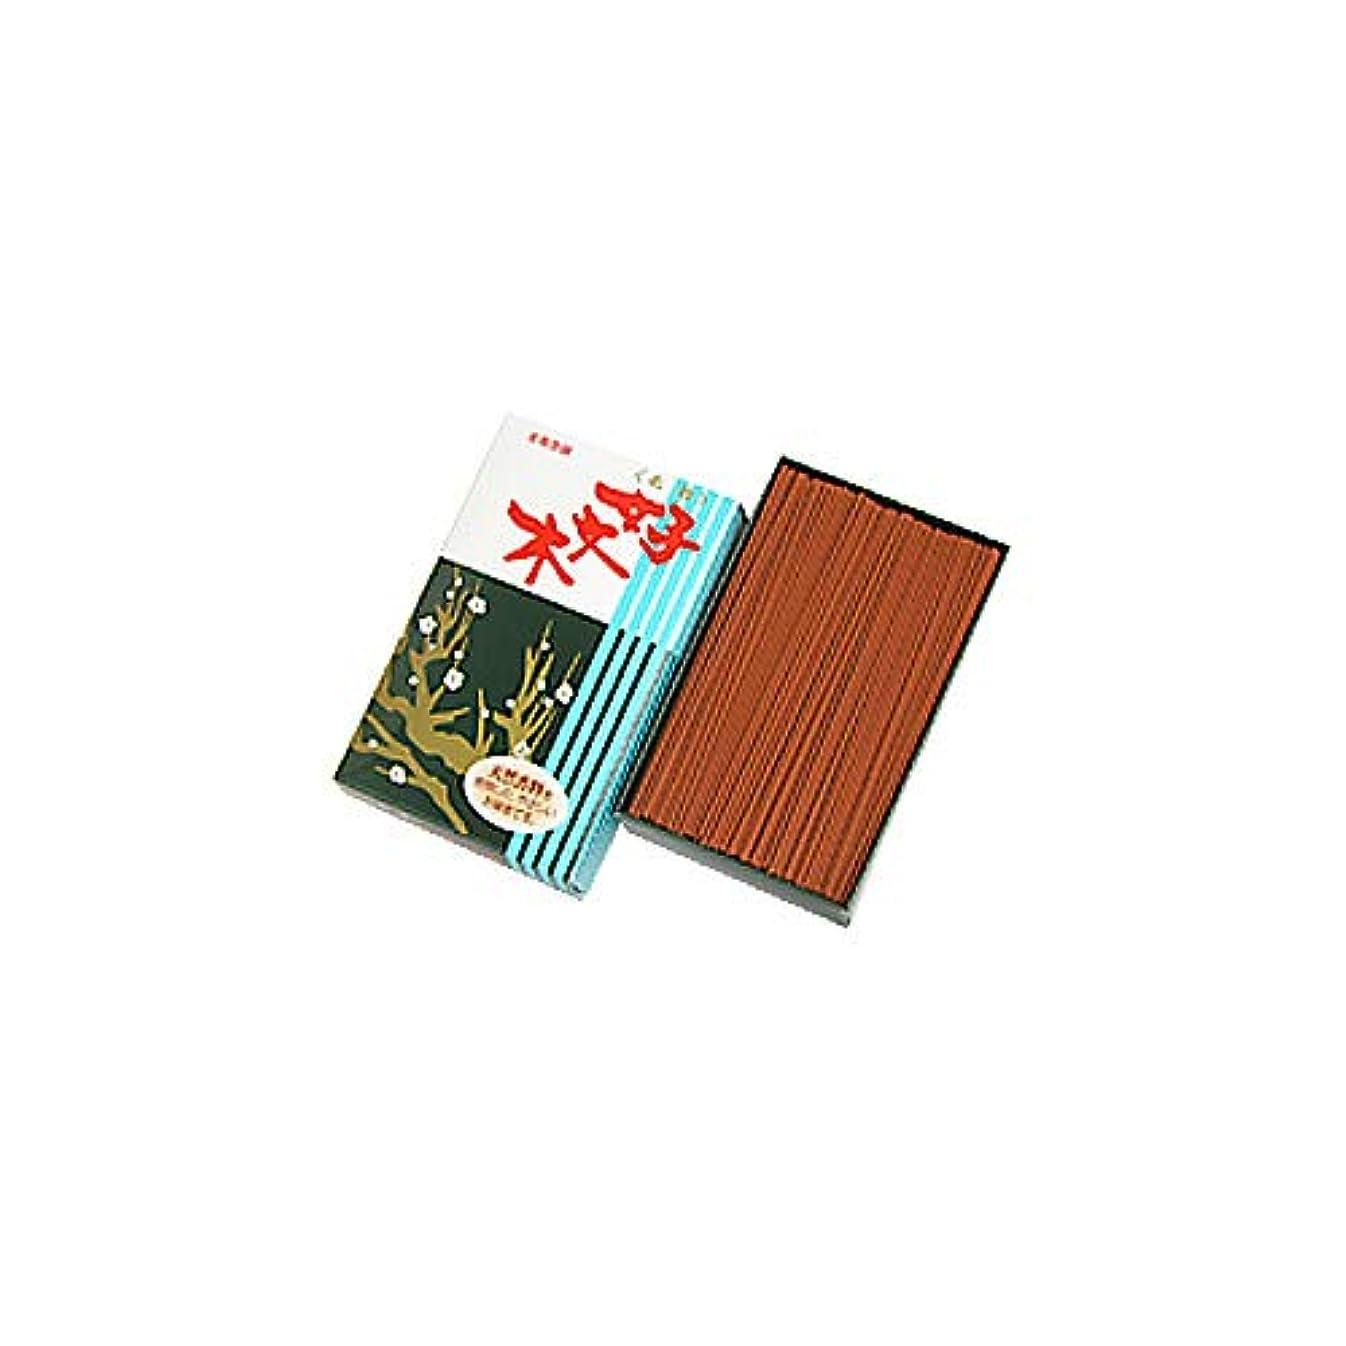 補助キャップ小さい家庭用線香 好文木 お徳用大型バラ詰(箱寸法15×9.5×4cm)◆さわやかな白檀の香りのお線香(梅栄堂)